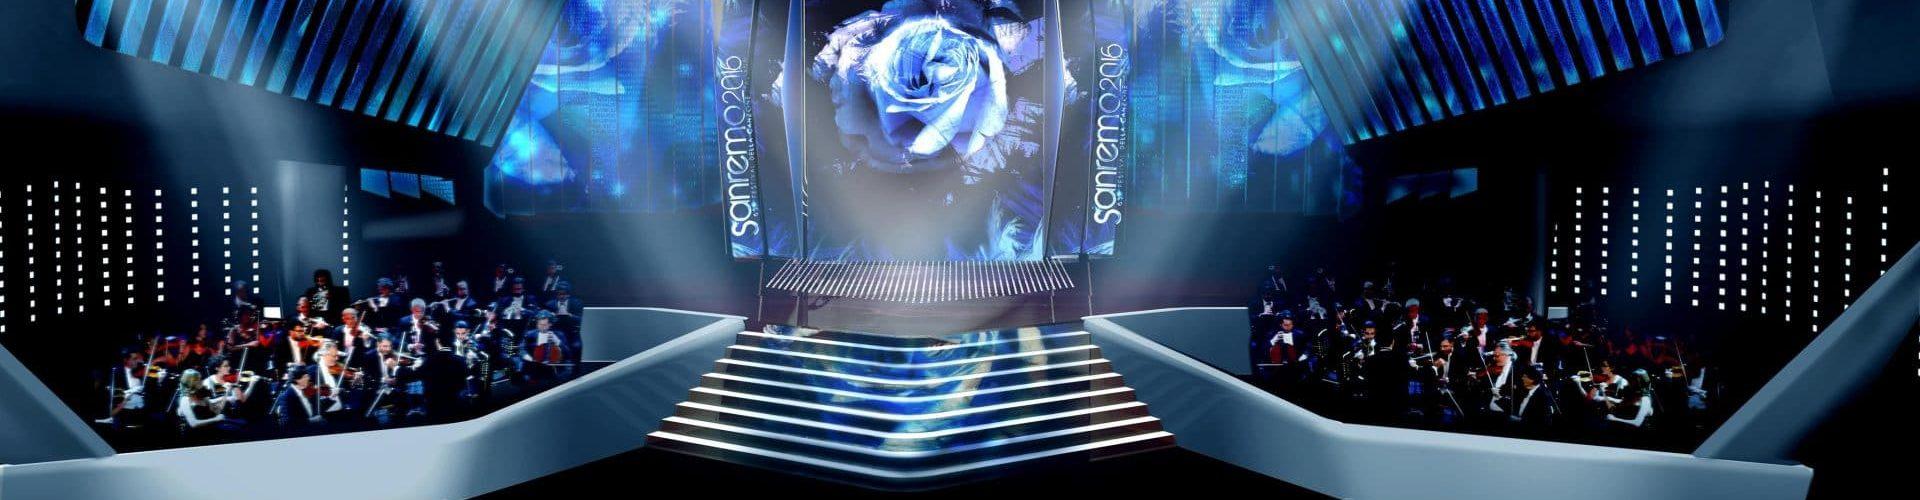 Sanremo 2019: L'elenco completo dei partecipanti in gara e le novità del regolamento